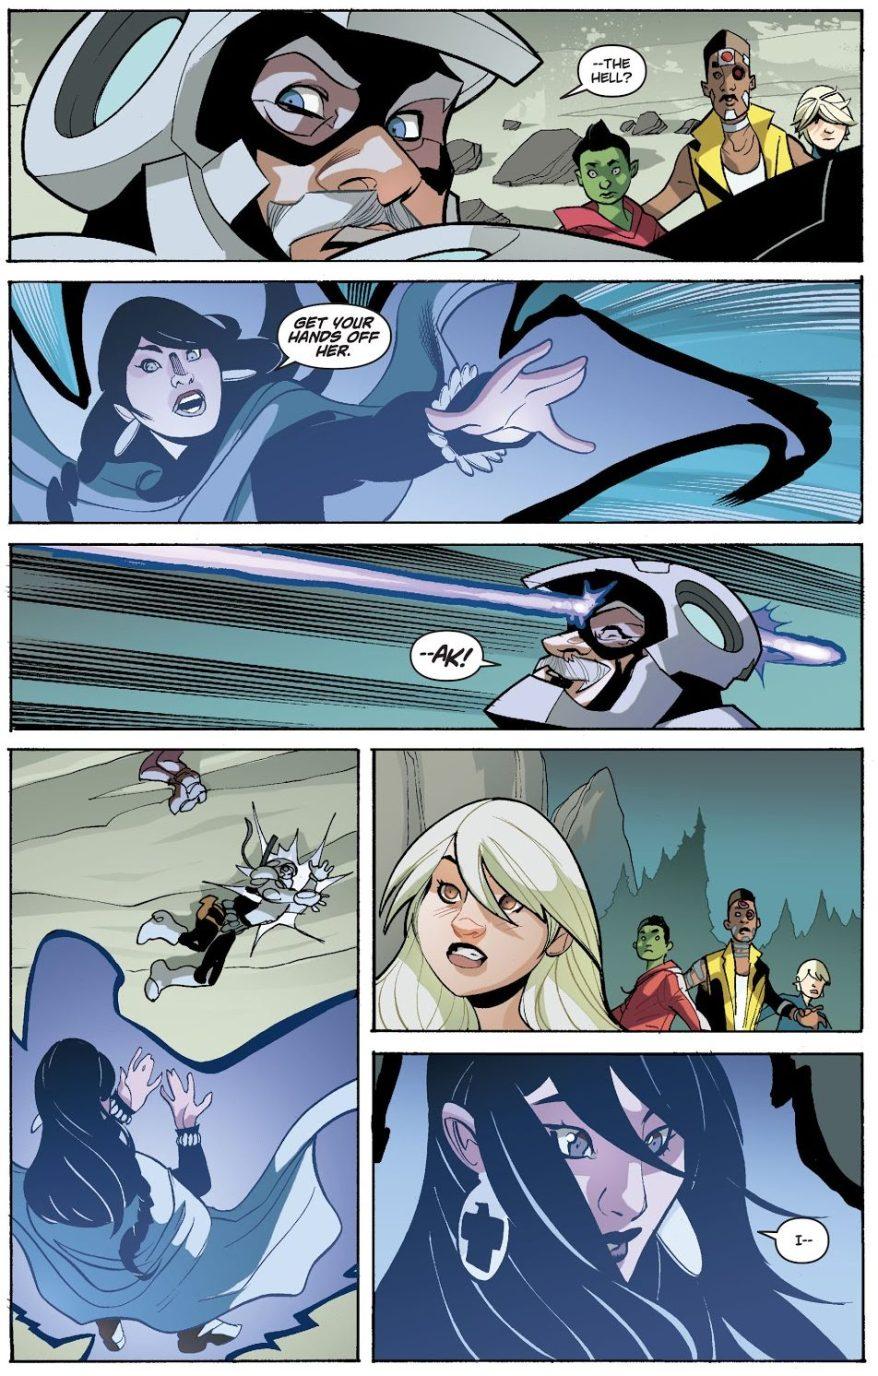 Raven-Shoots-Deathstroke-In-The-Head-Earth-1